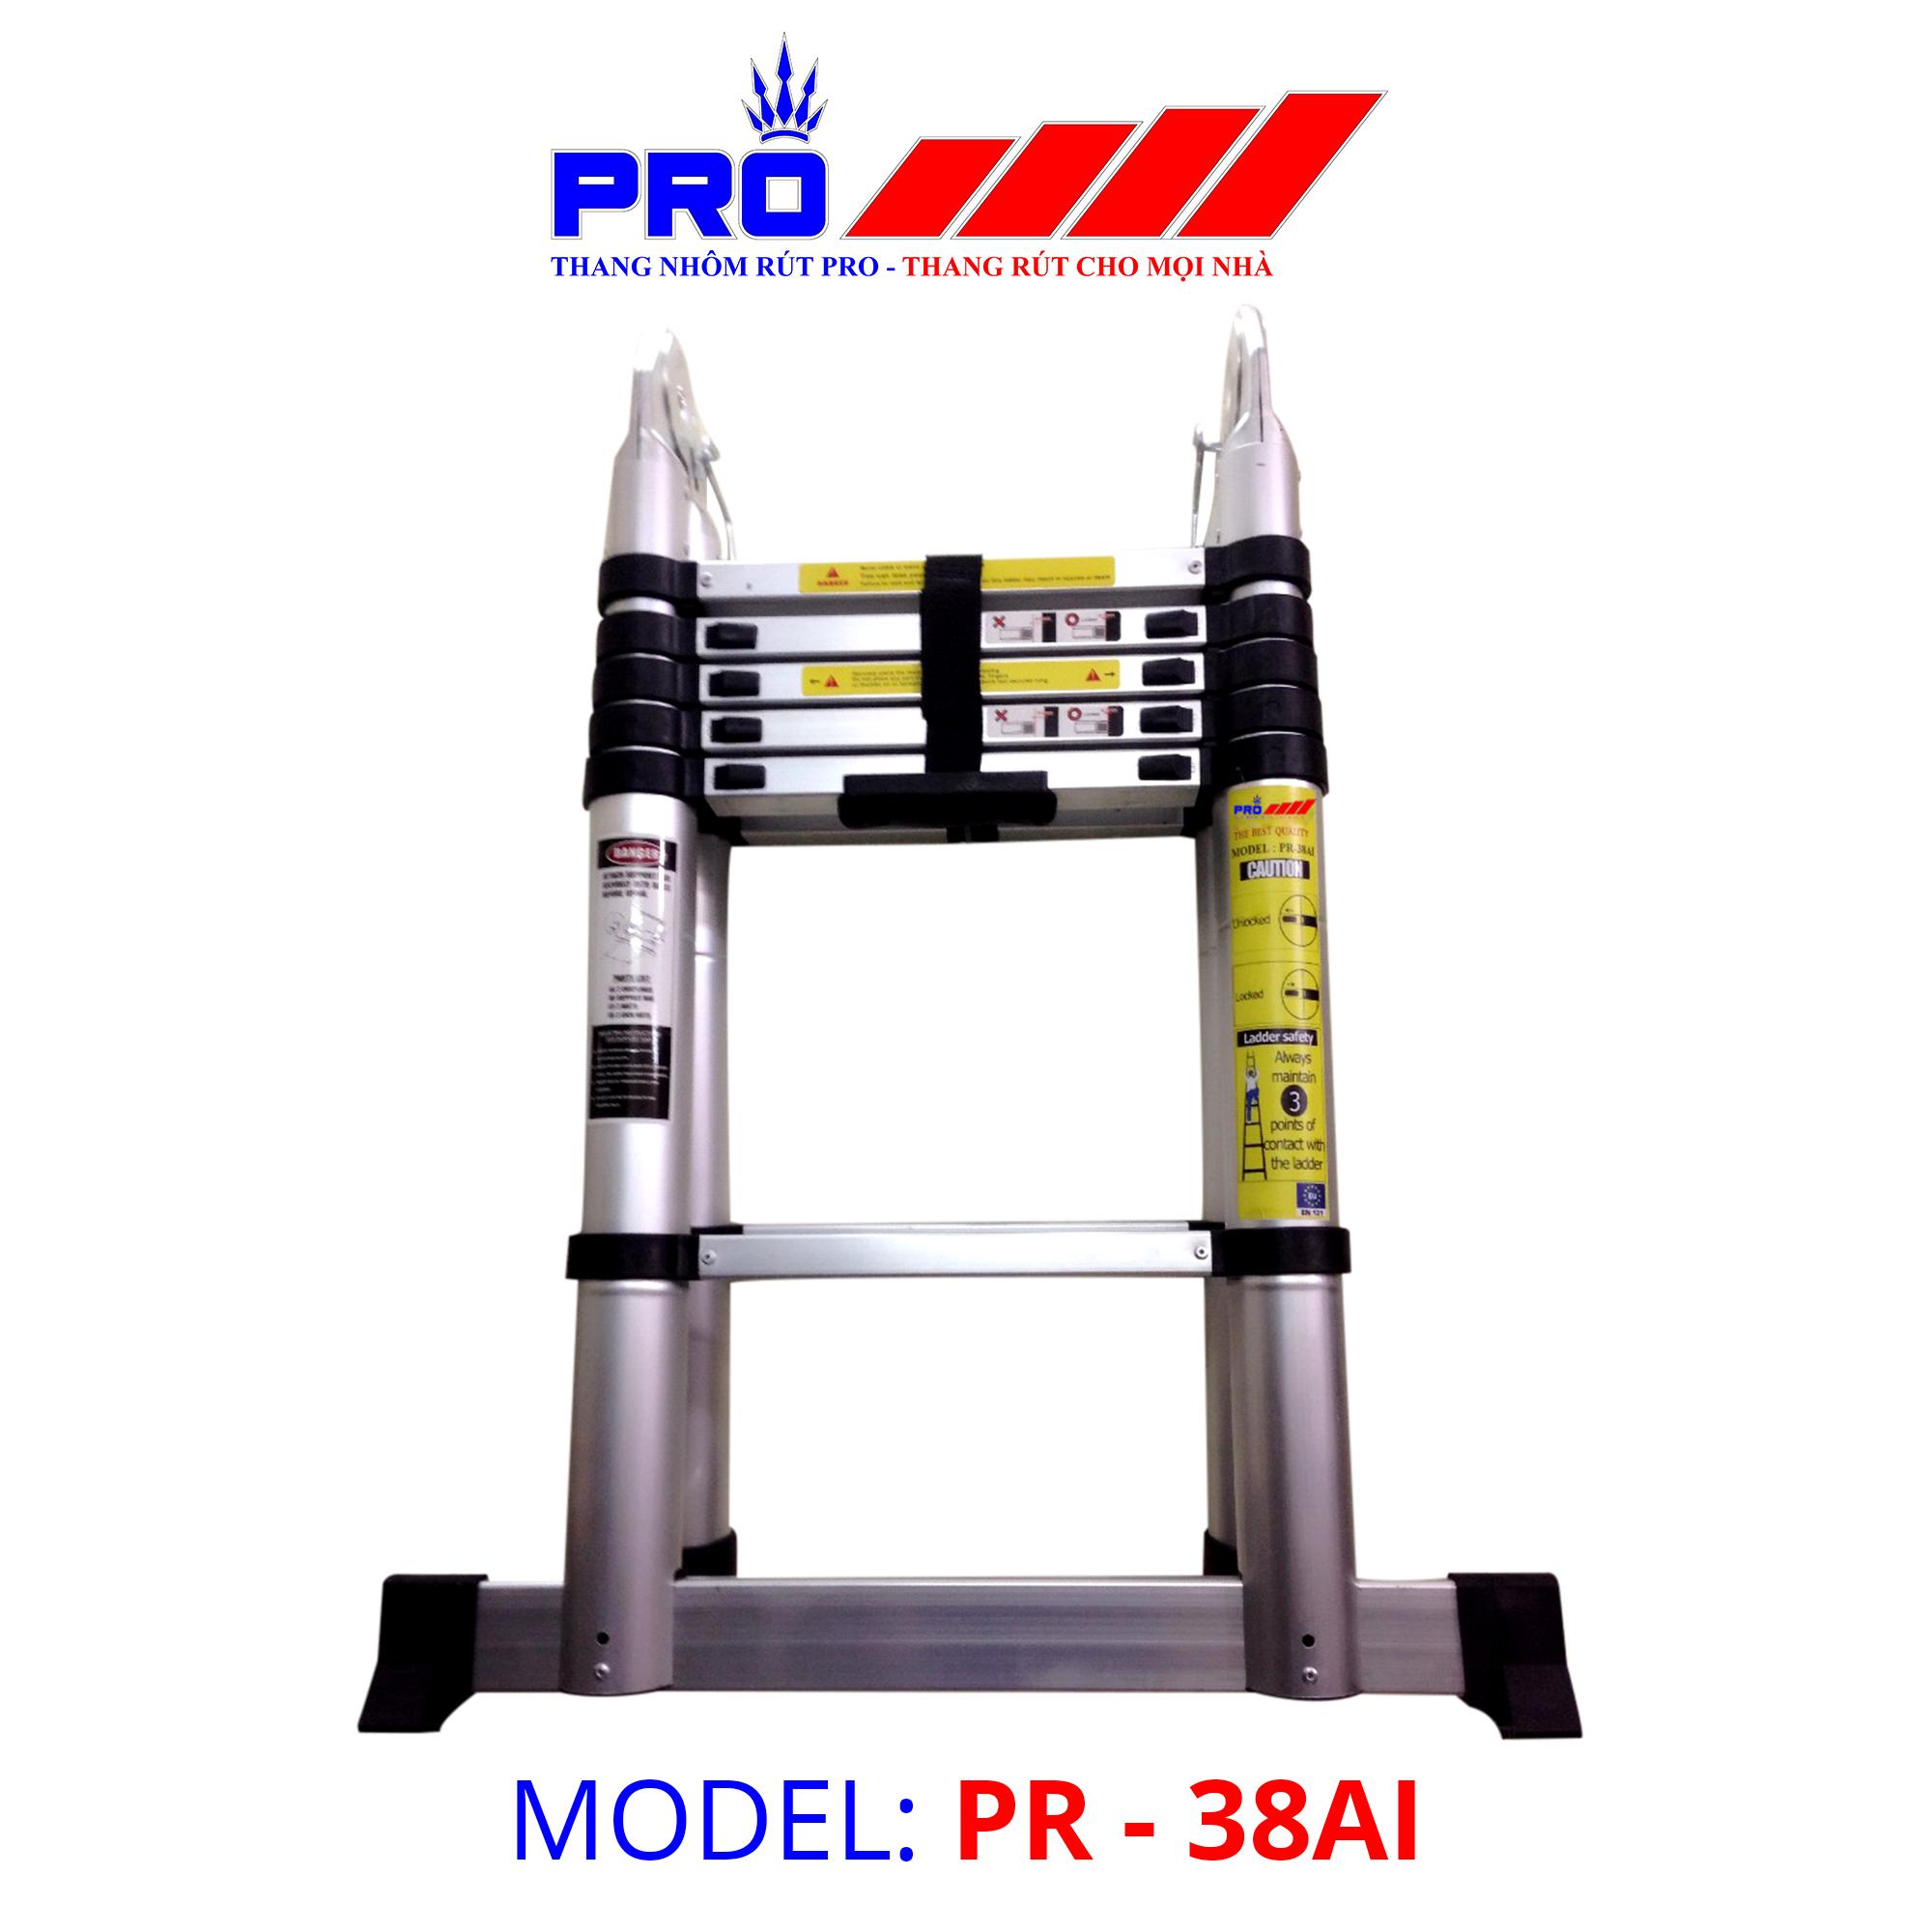 Thang nhôm rút đa năng Pro Telescopic Ladder PR-38AI